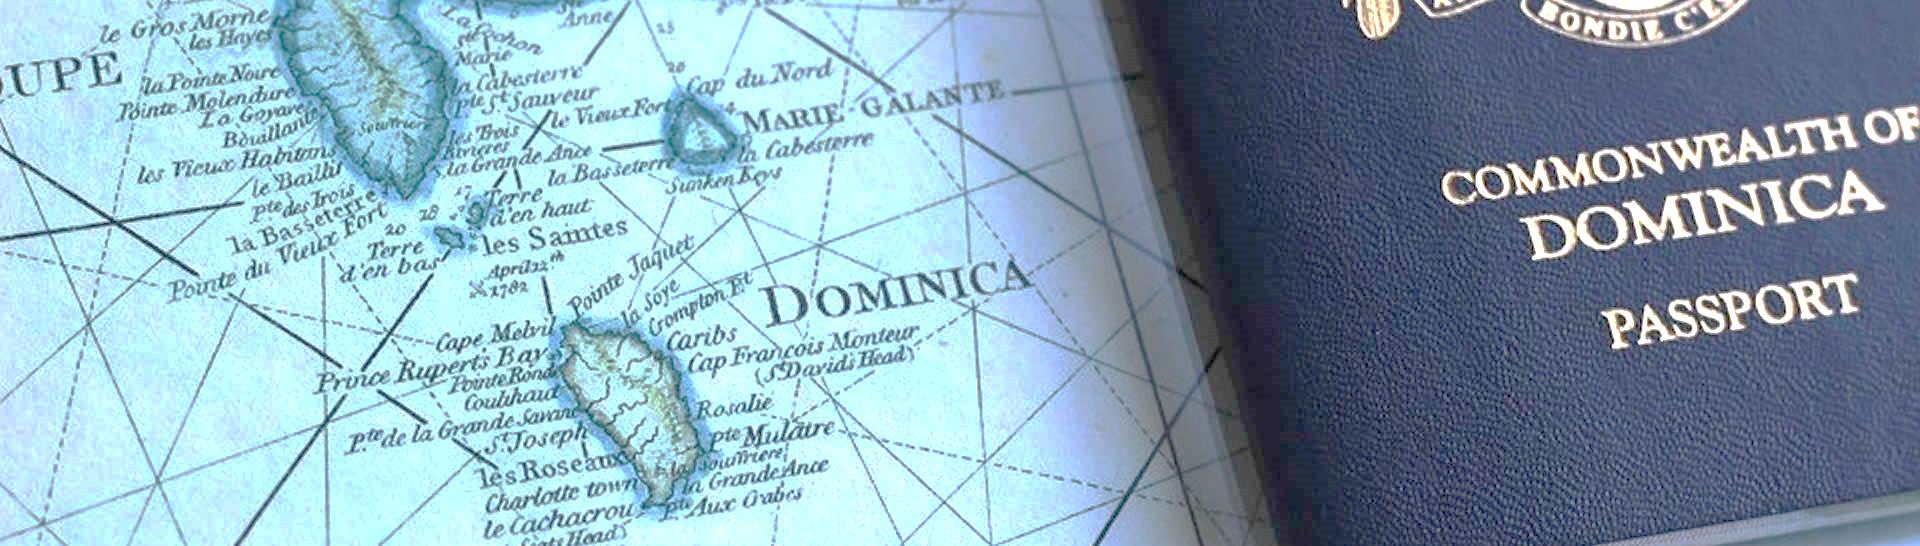 برنامج المواطنة في كومنولث دومينيكا